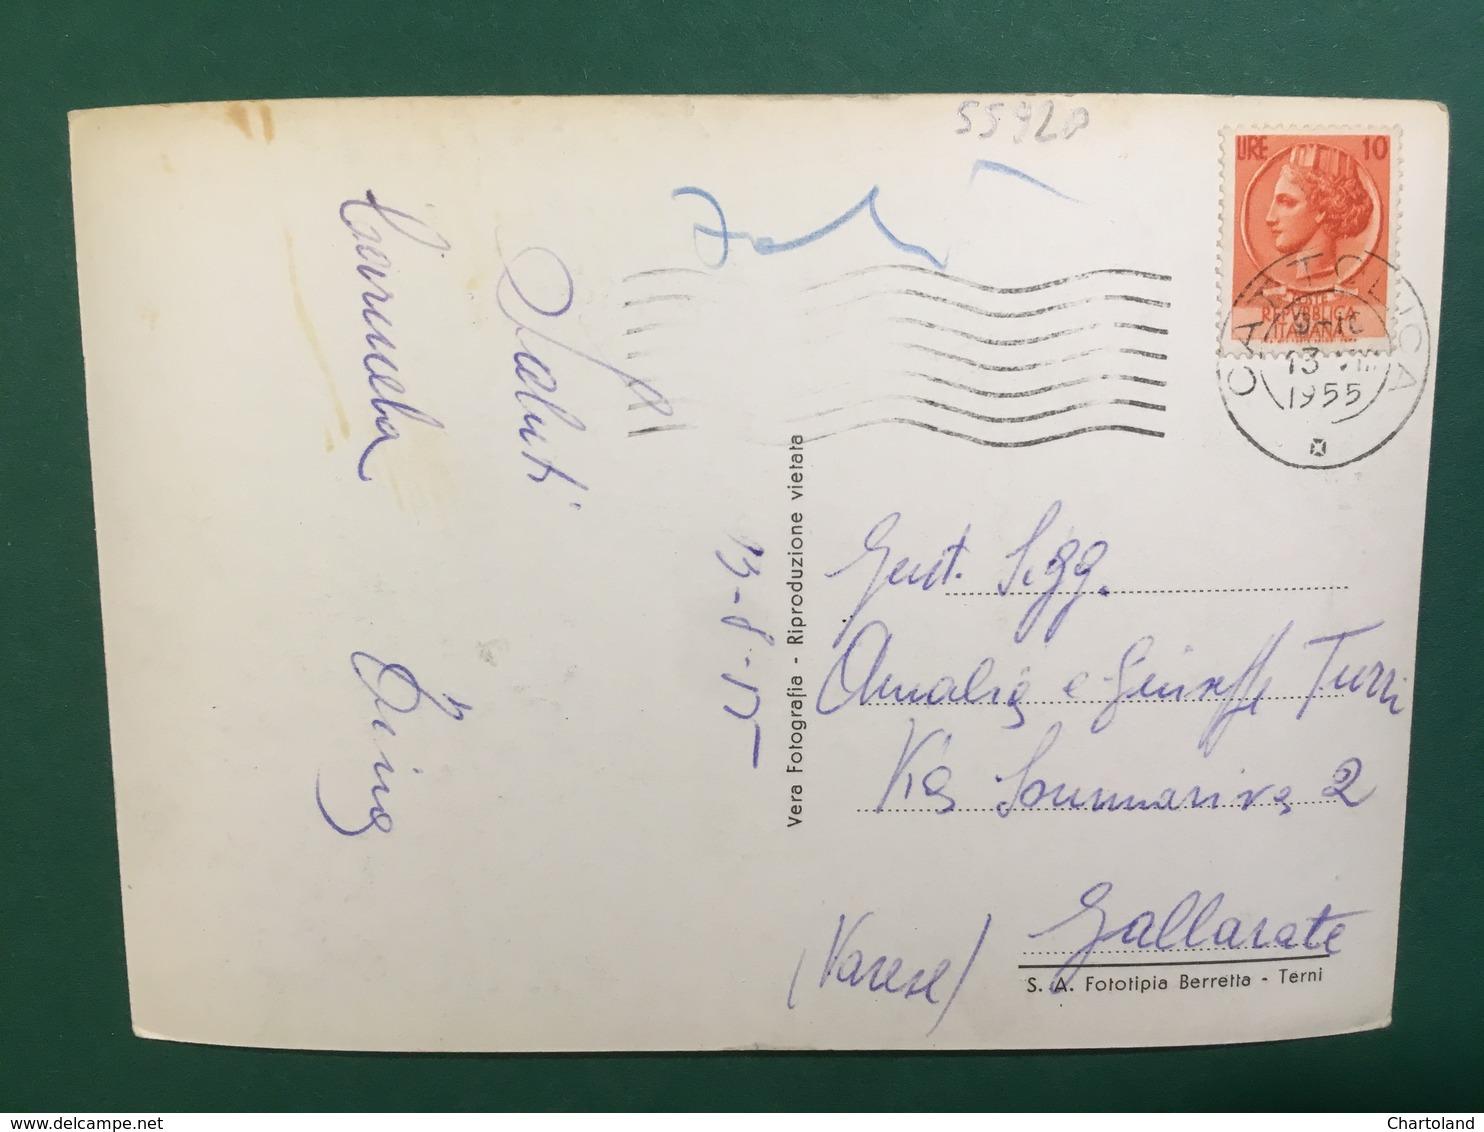 Cartolina Cattolica - Piazza I Maggio E Albergo Kursal - 1955 - Rimini